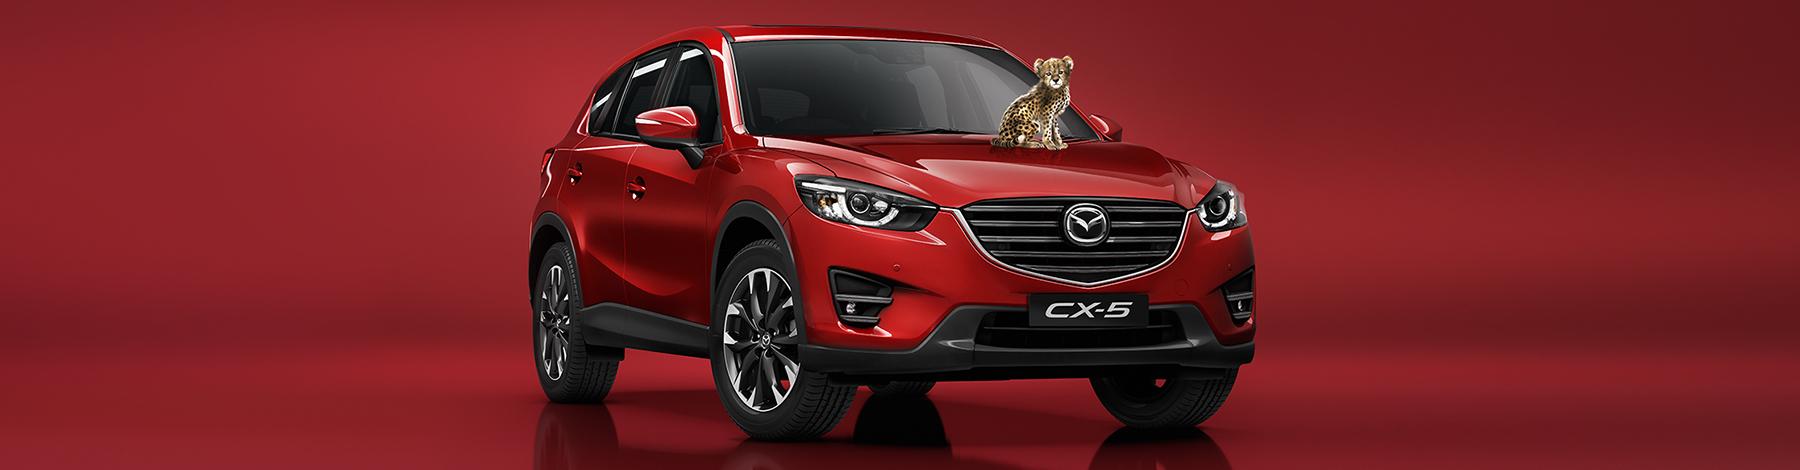 Search our Mazda CX-5 range